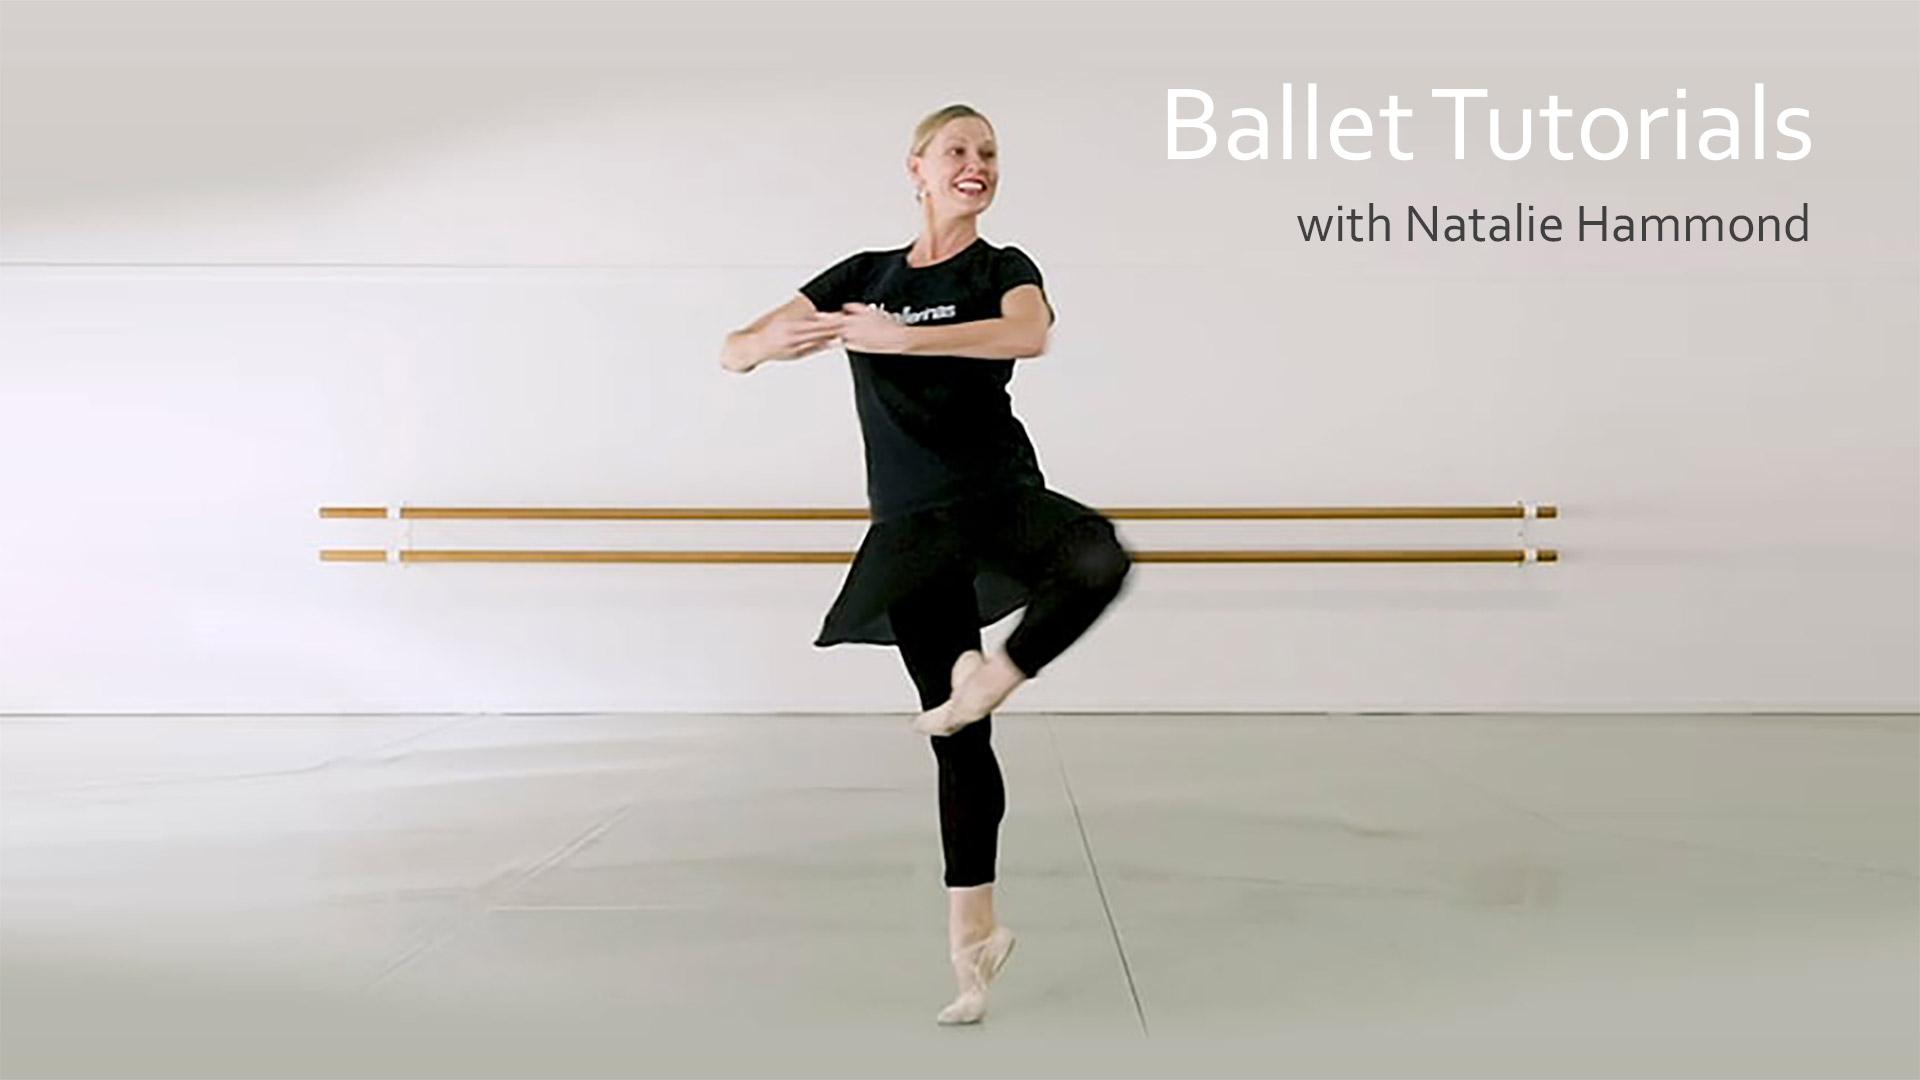 Ballet Tutorials with Natalie Hammond